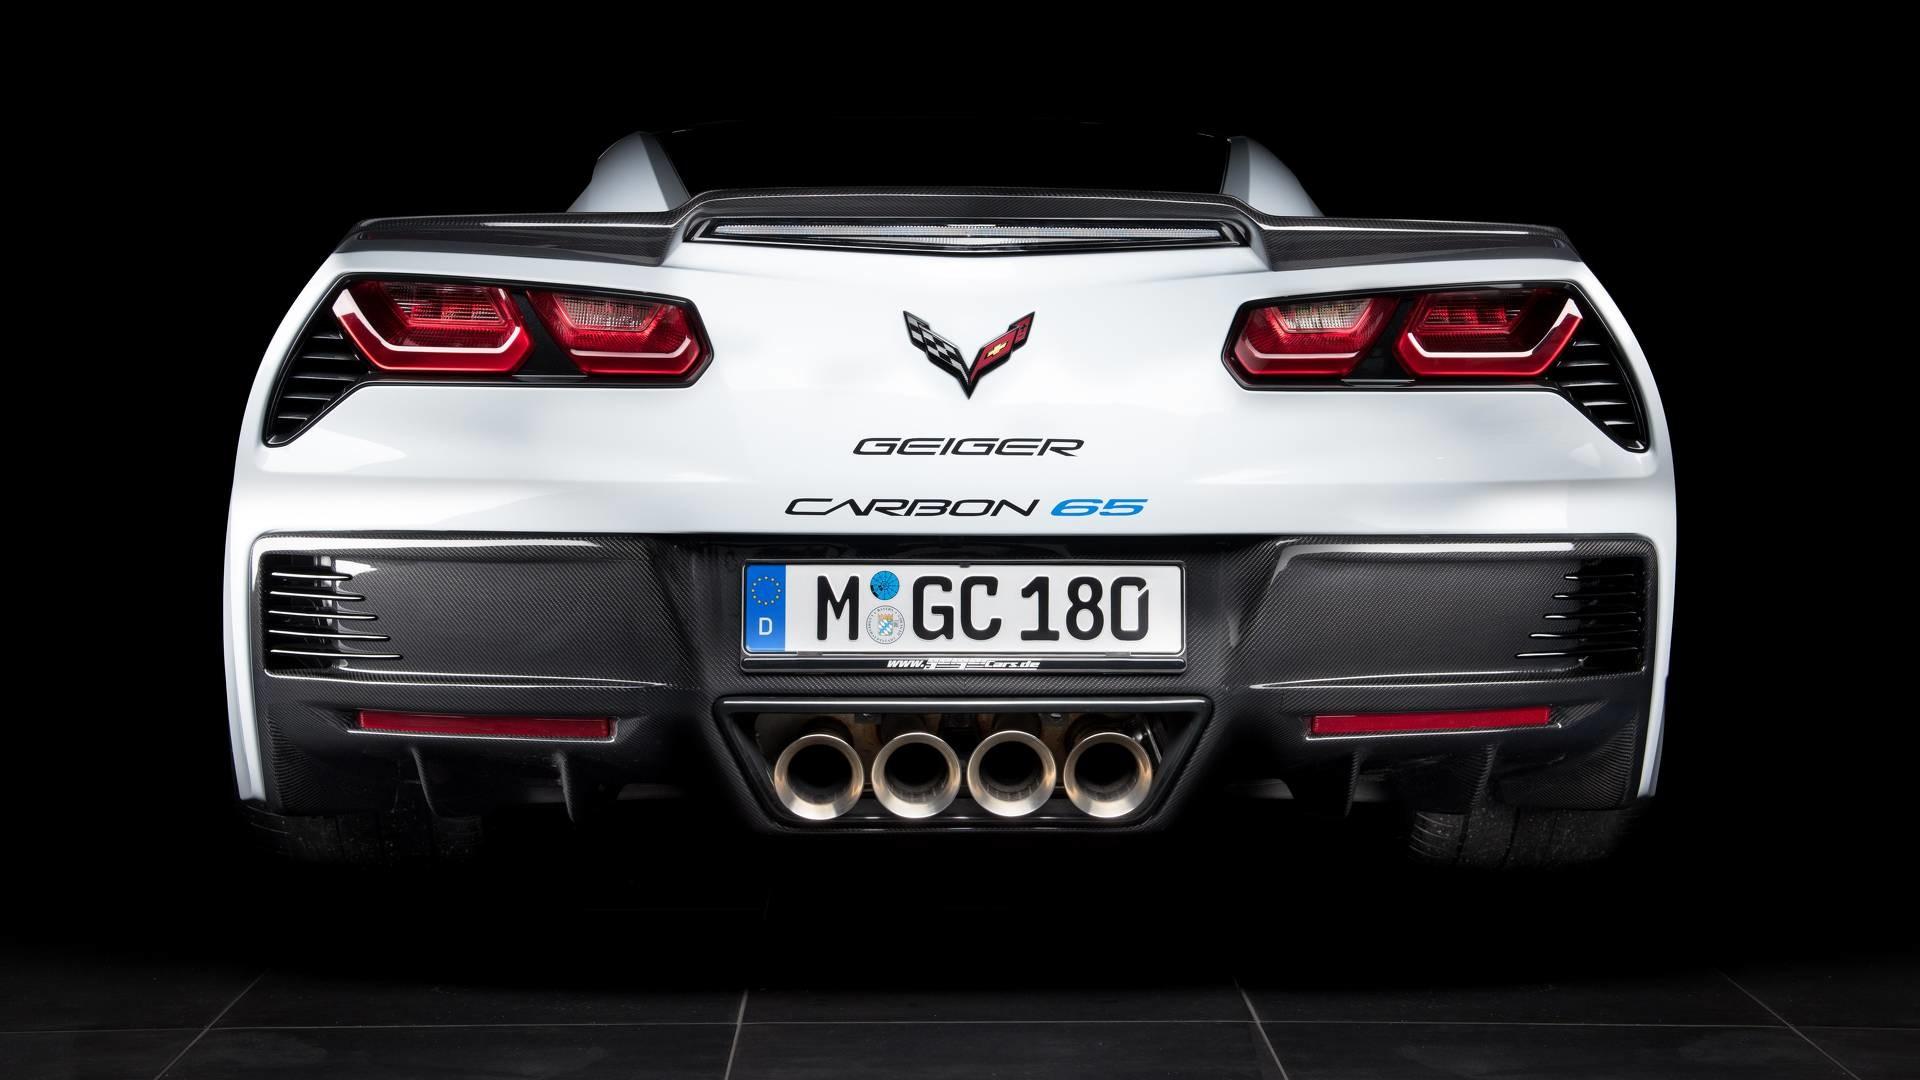 Foto de Corvette Z06 Geiger Carbon 65 Edition (4/15)